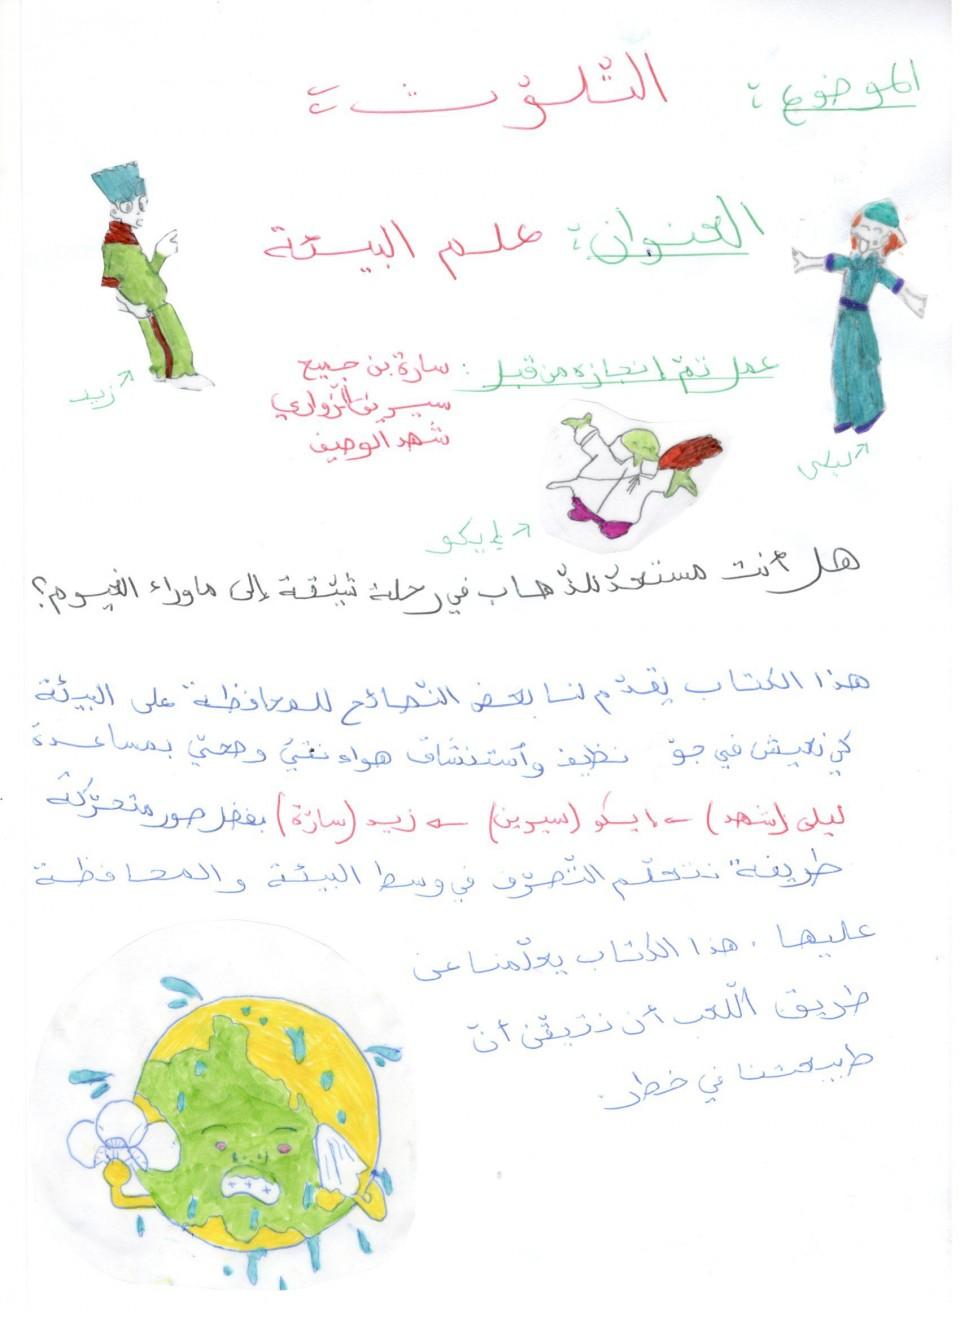 La 5e 4 découvre les nouvelles encyclopédies en langue arabe